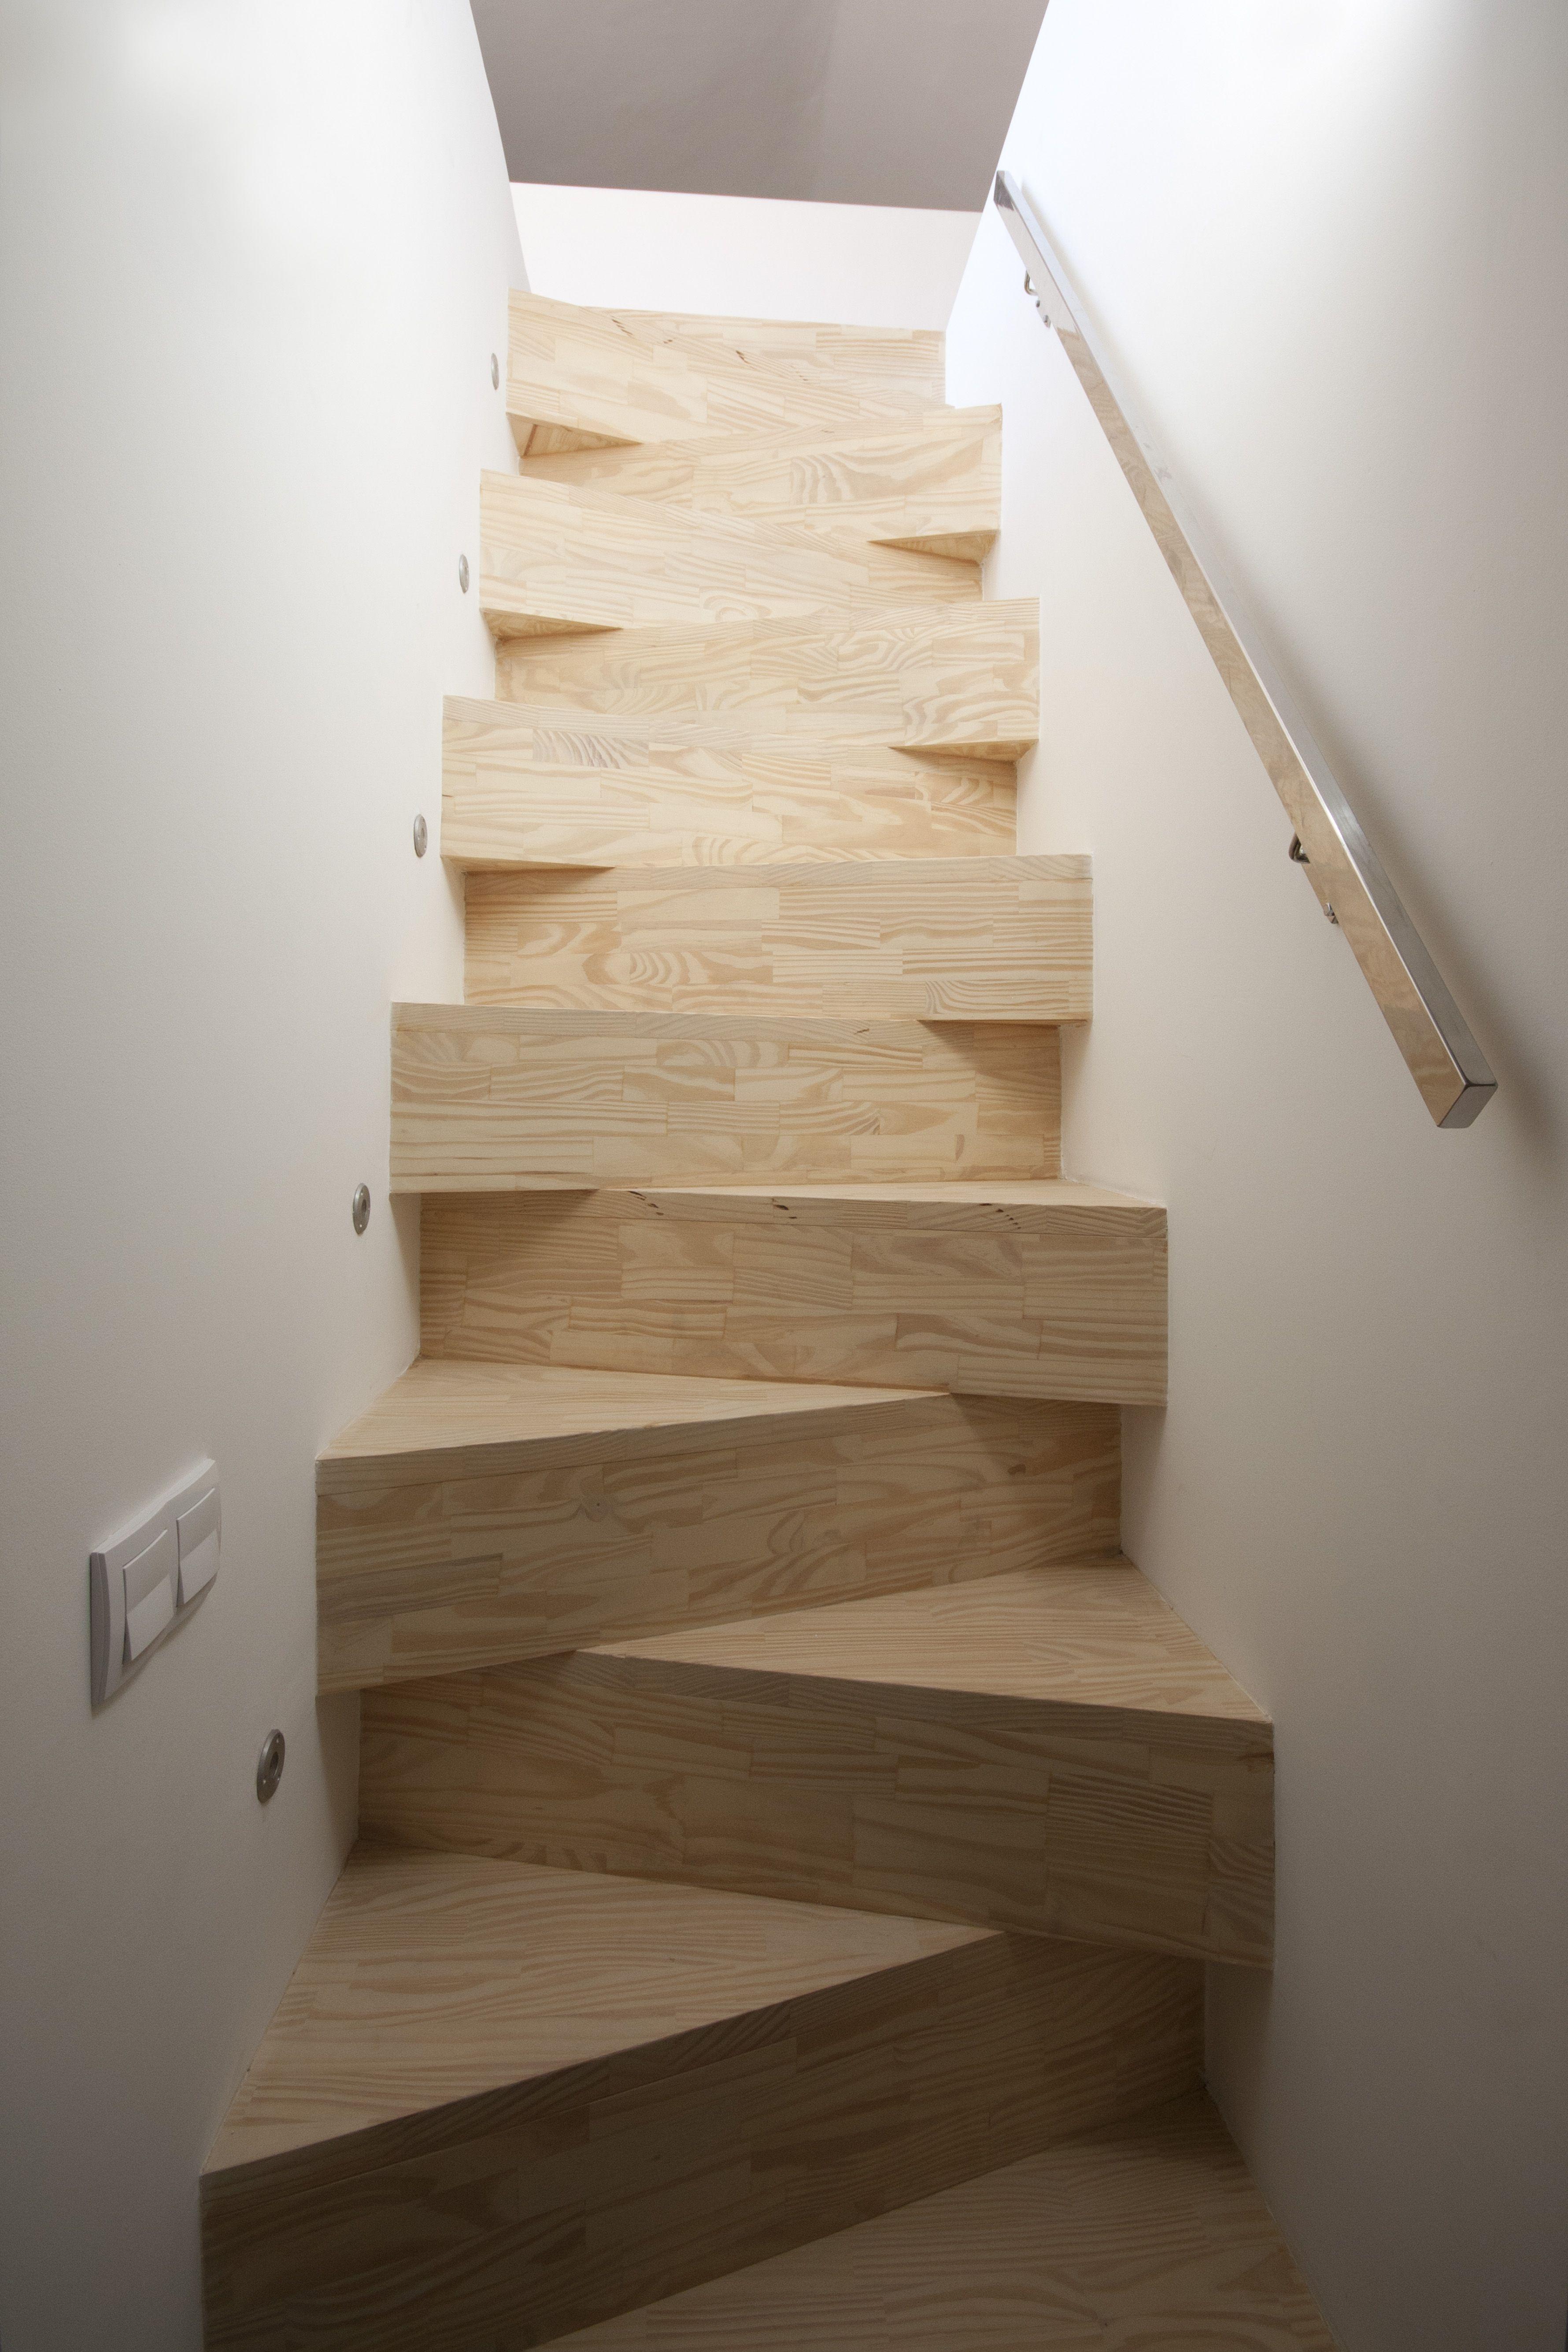 Escalera dise o de isho design para el proyecto tico for Escaleras de duplex